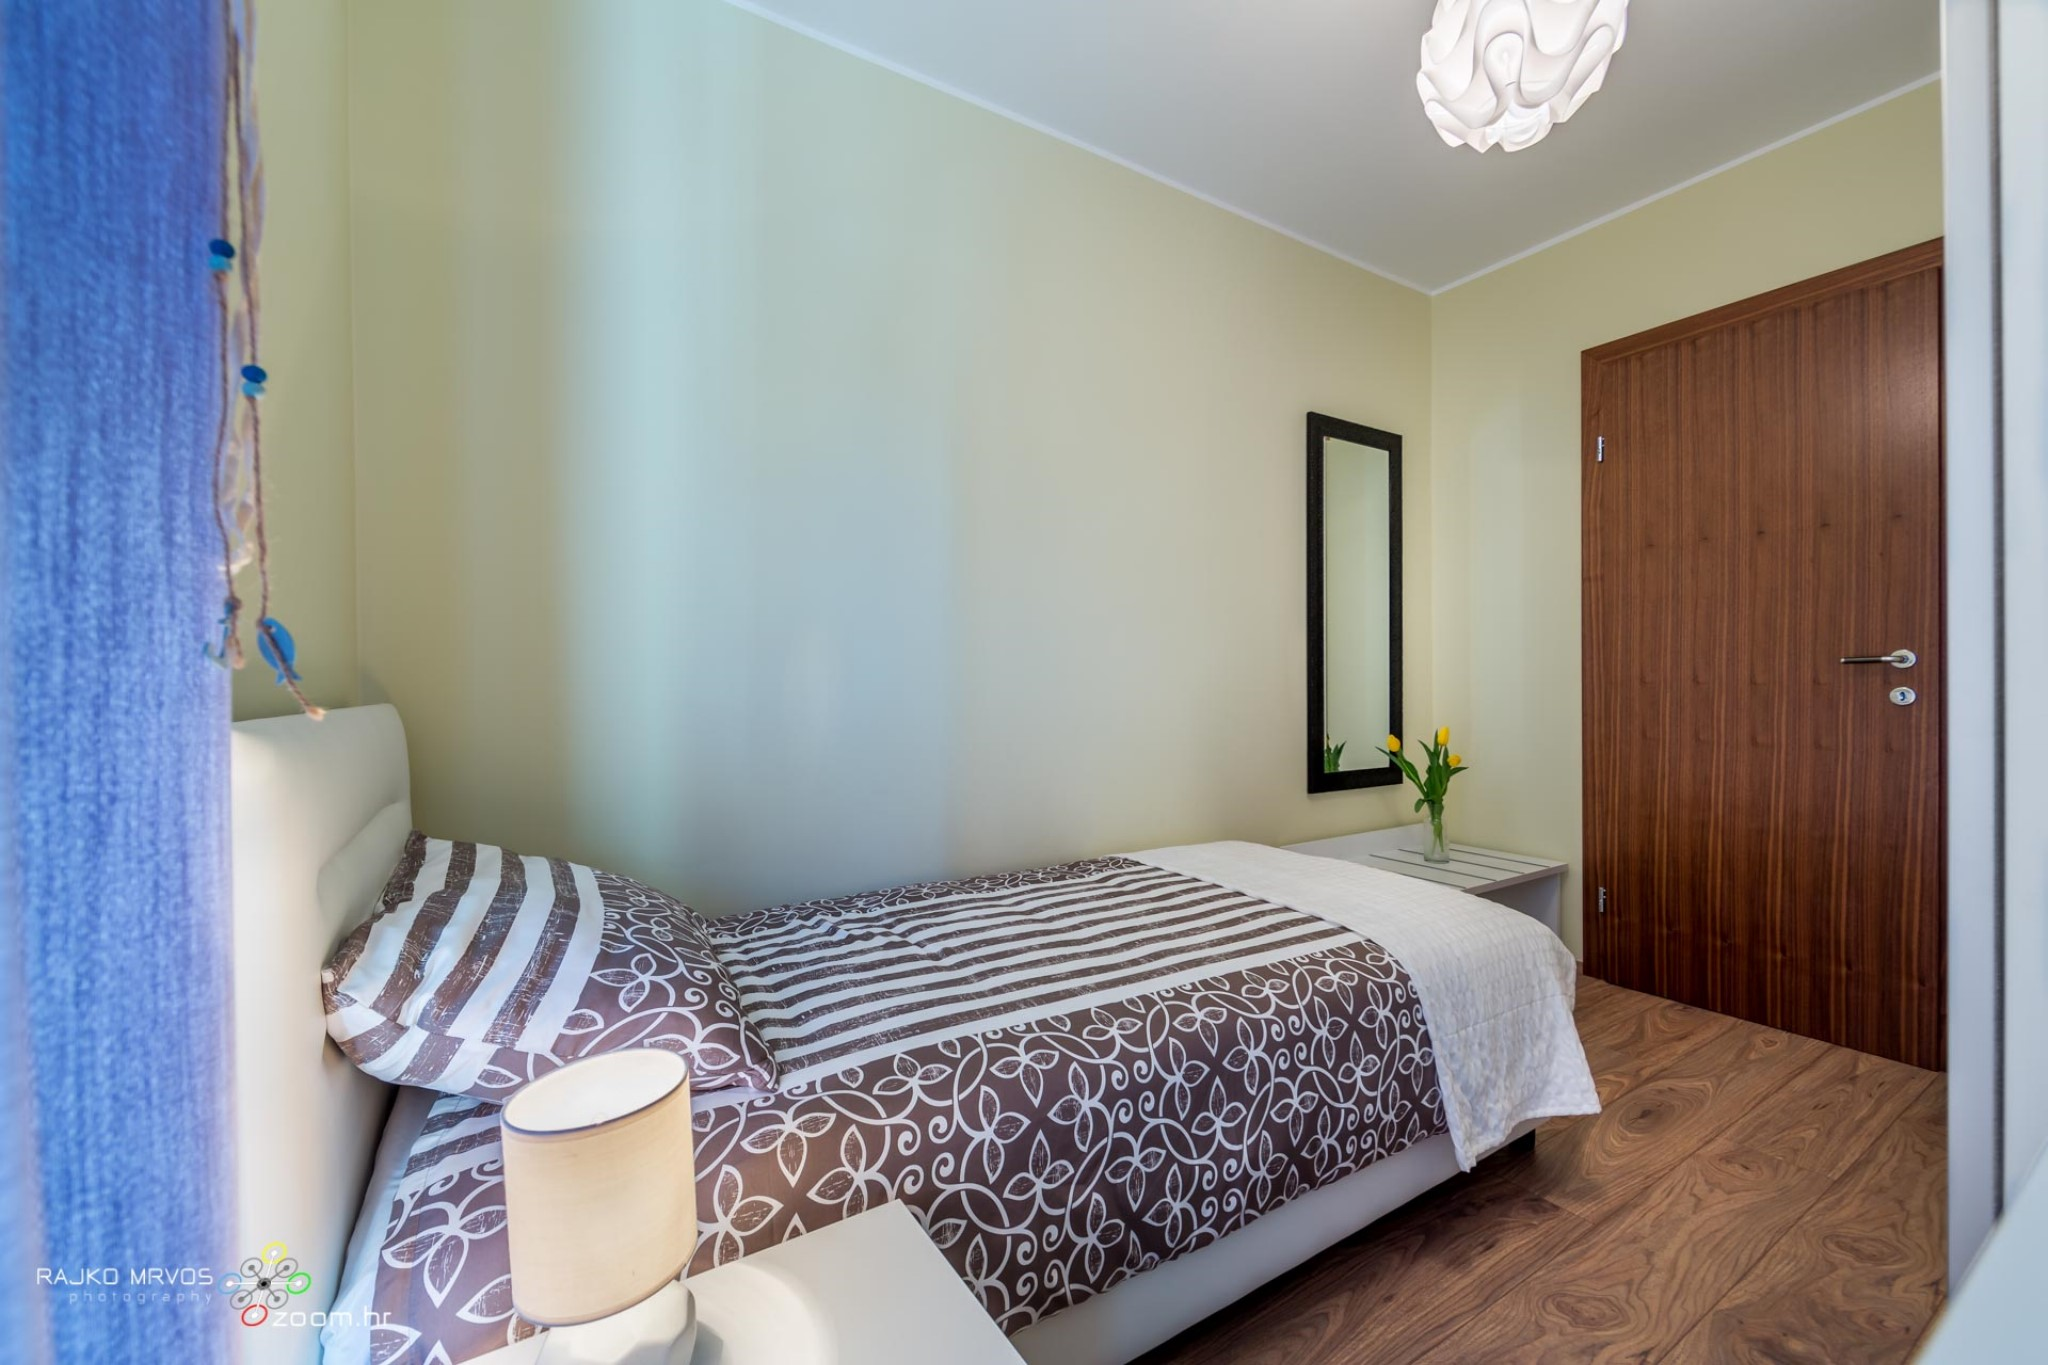 fotografiranje-interijera-fotograf-eksterijera-apartmana-vila-kuca-hotela-apartman-Pobri-Opatija-23